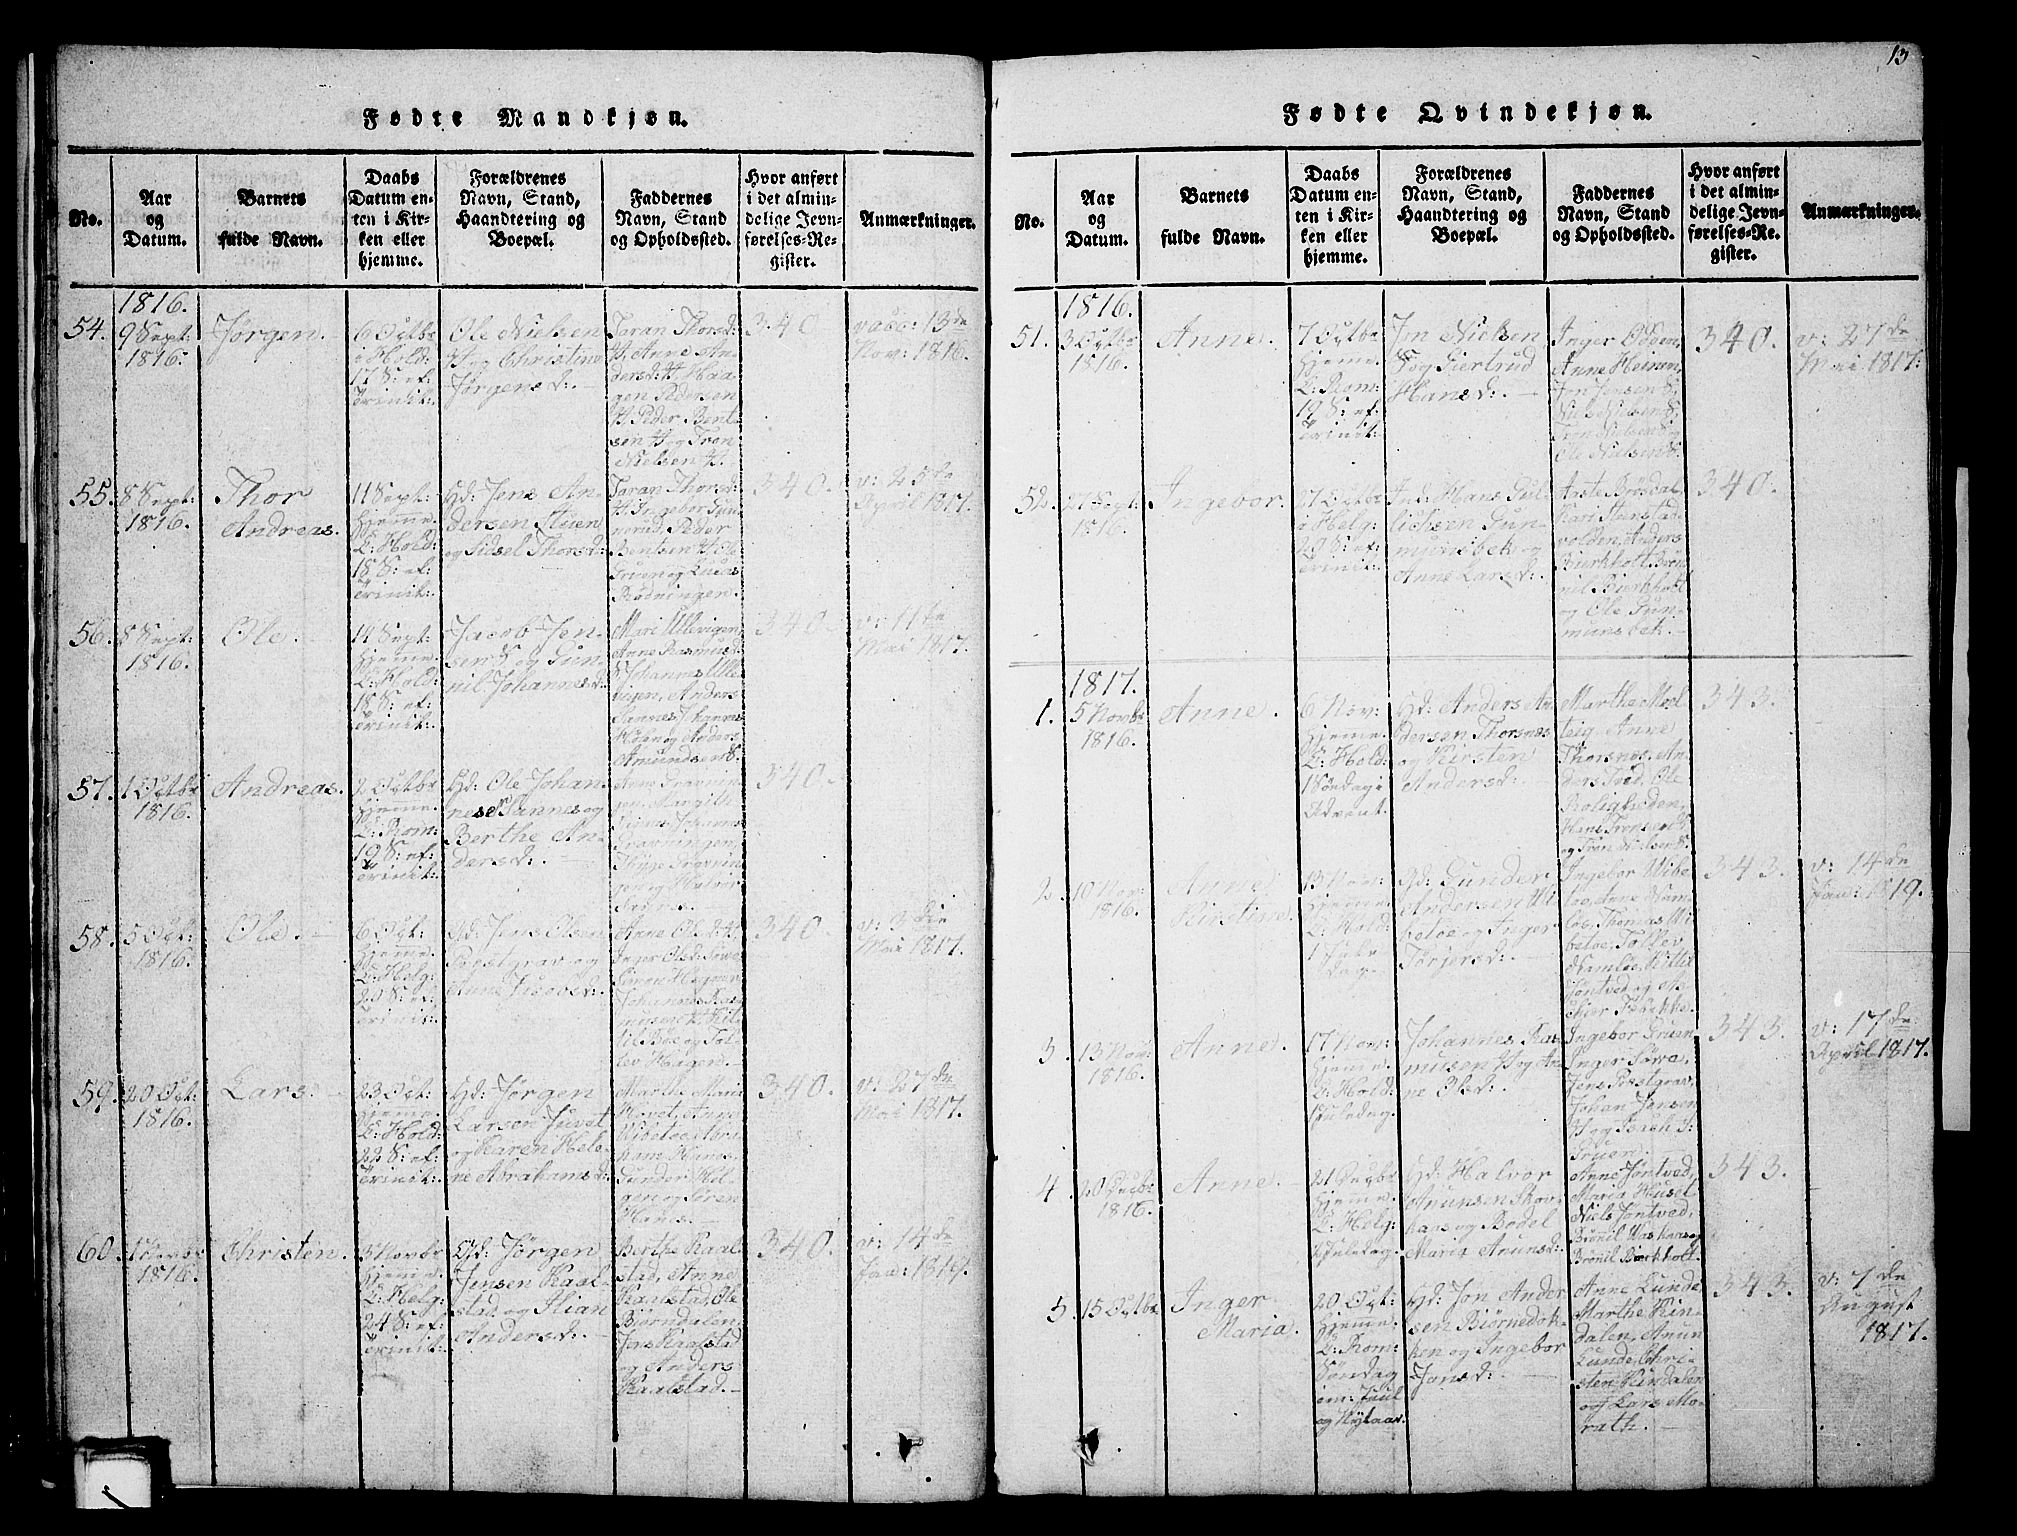 SAKO, Holla kirkebøker, G/Ga/L0001: Klokkerbok nr. I 1, 1814-1830, s. 13